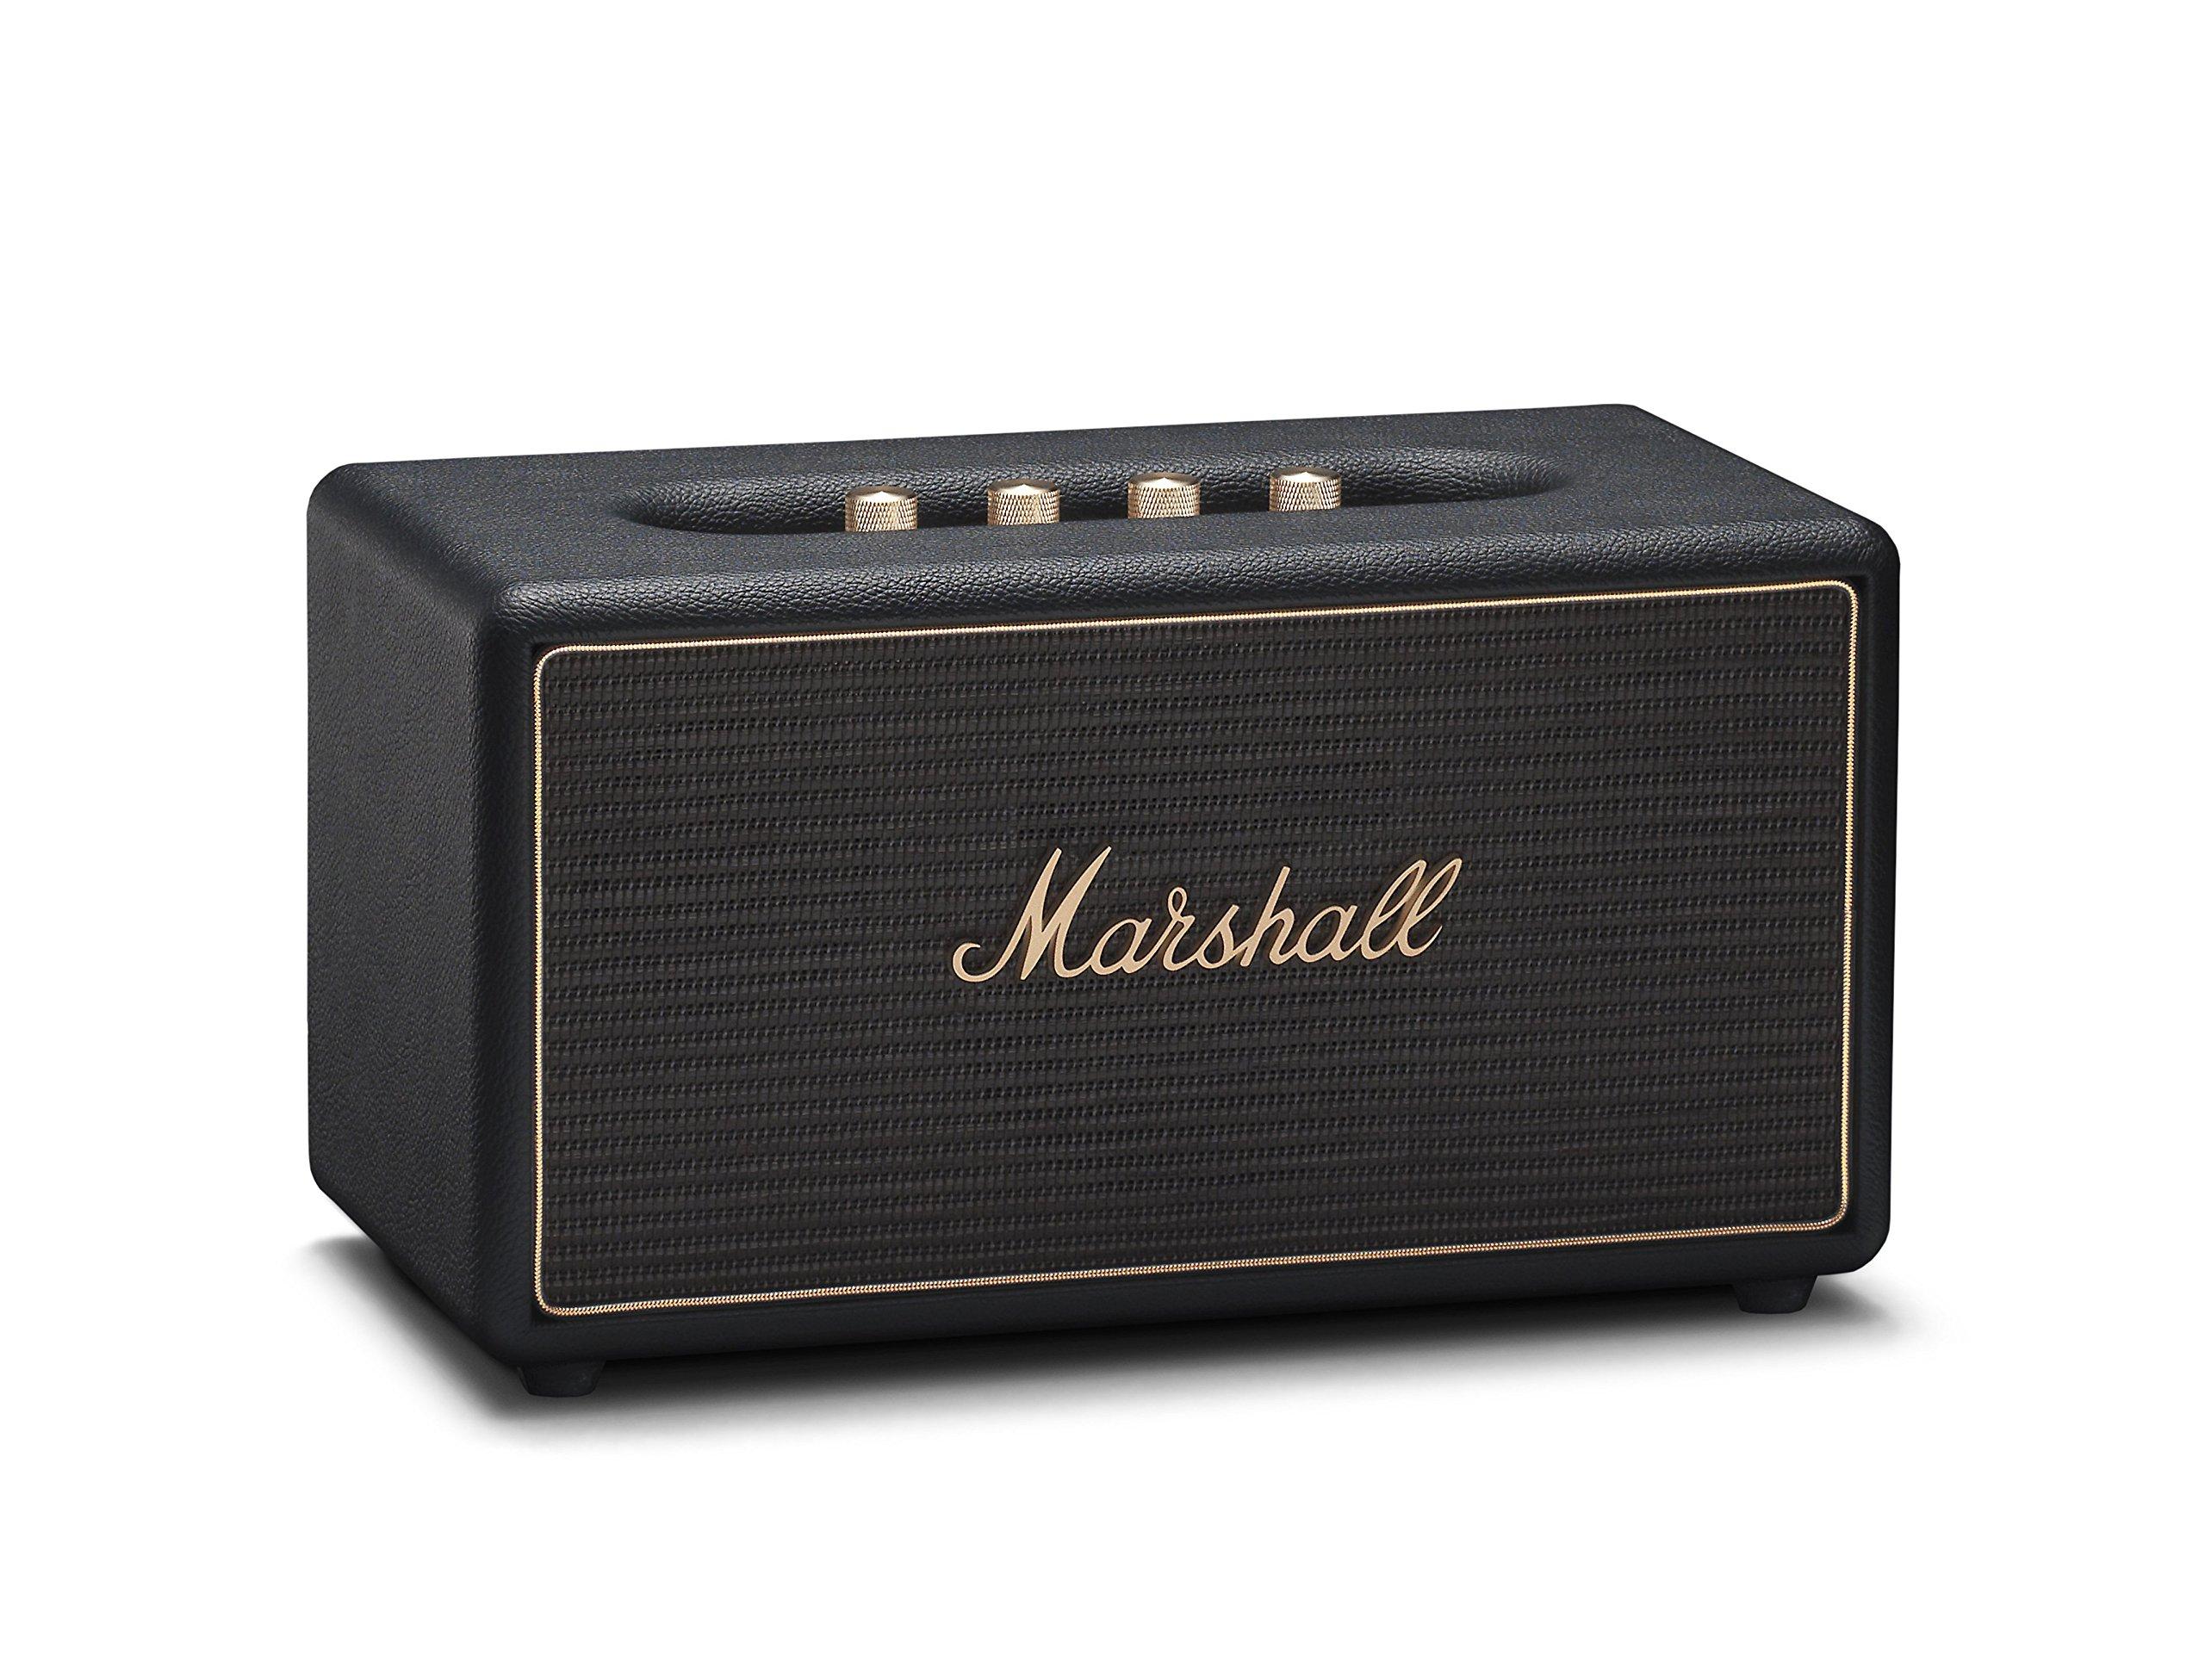 마샬 스탠모어 블루투스 스피커 멀티룸 와이파이 - 블랙, 크림 2종 Marshall Stanmore Wireless Multi-Room Wi-Fi and Bluetooth Speaker